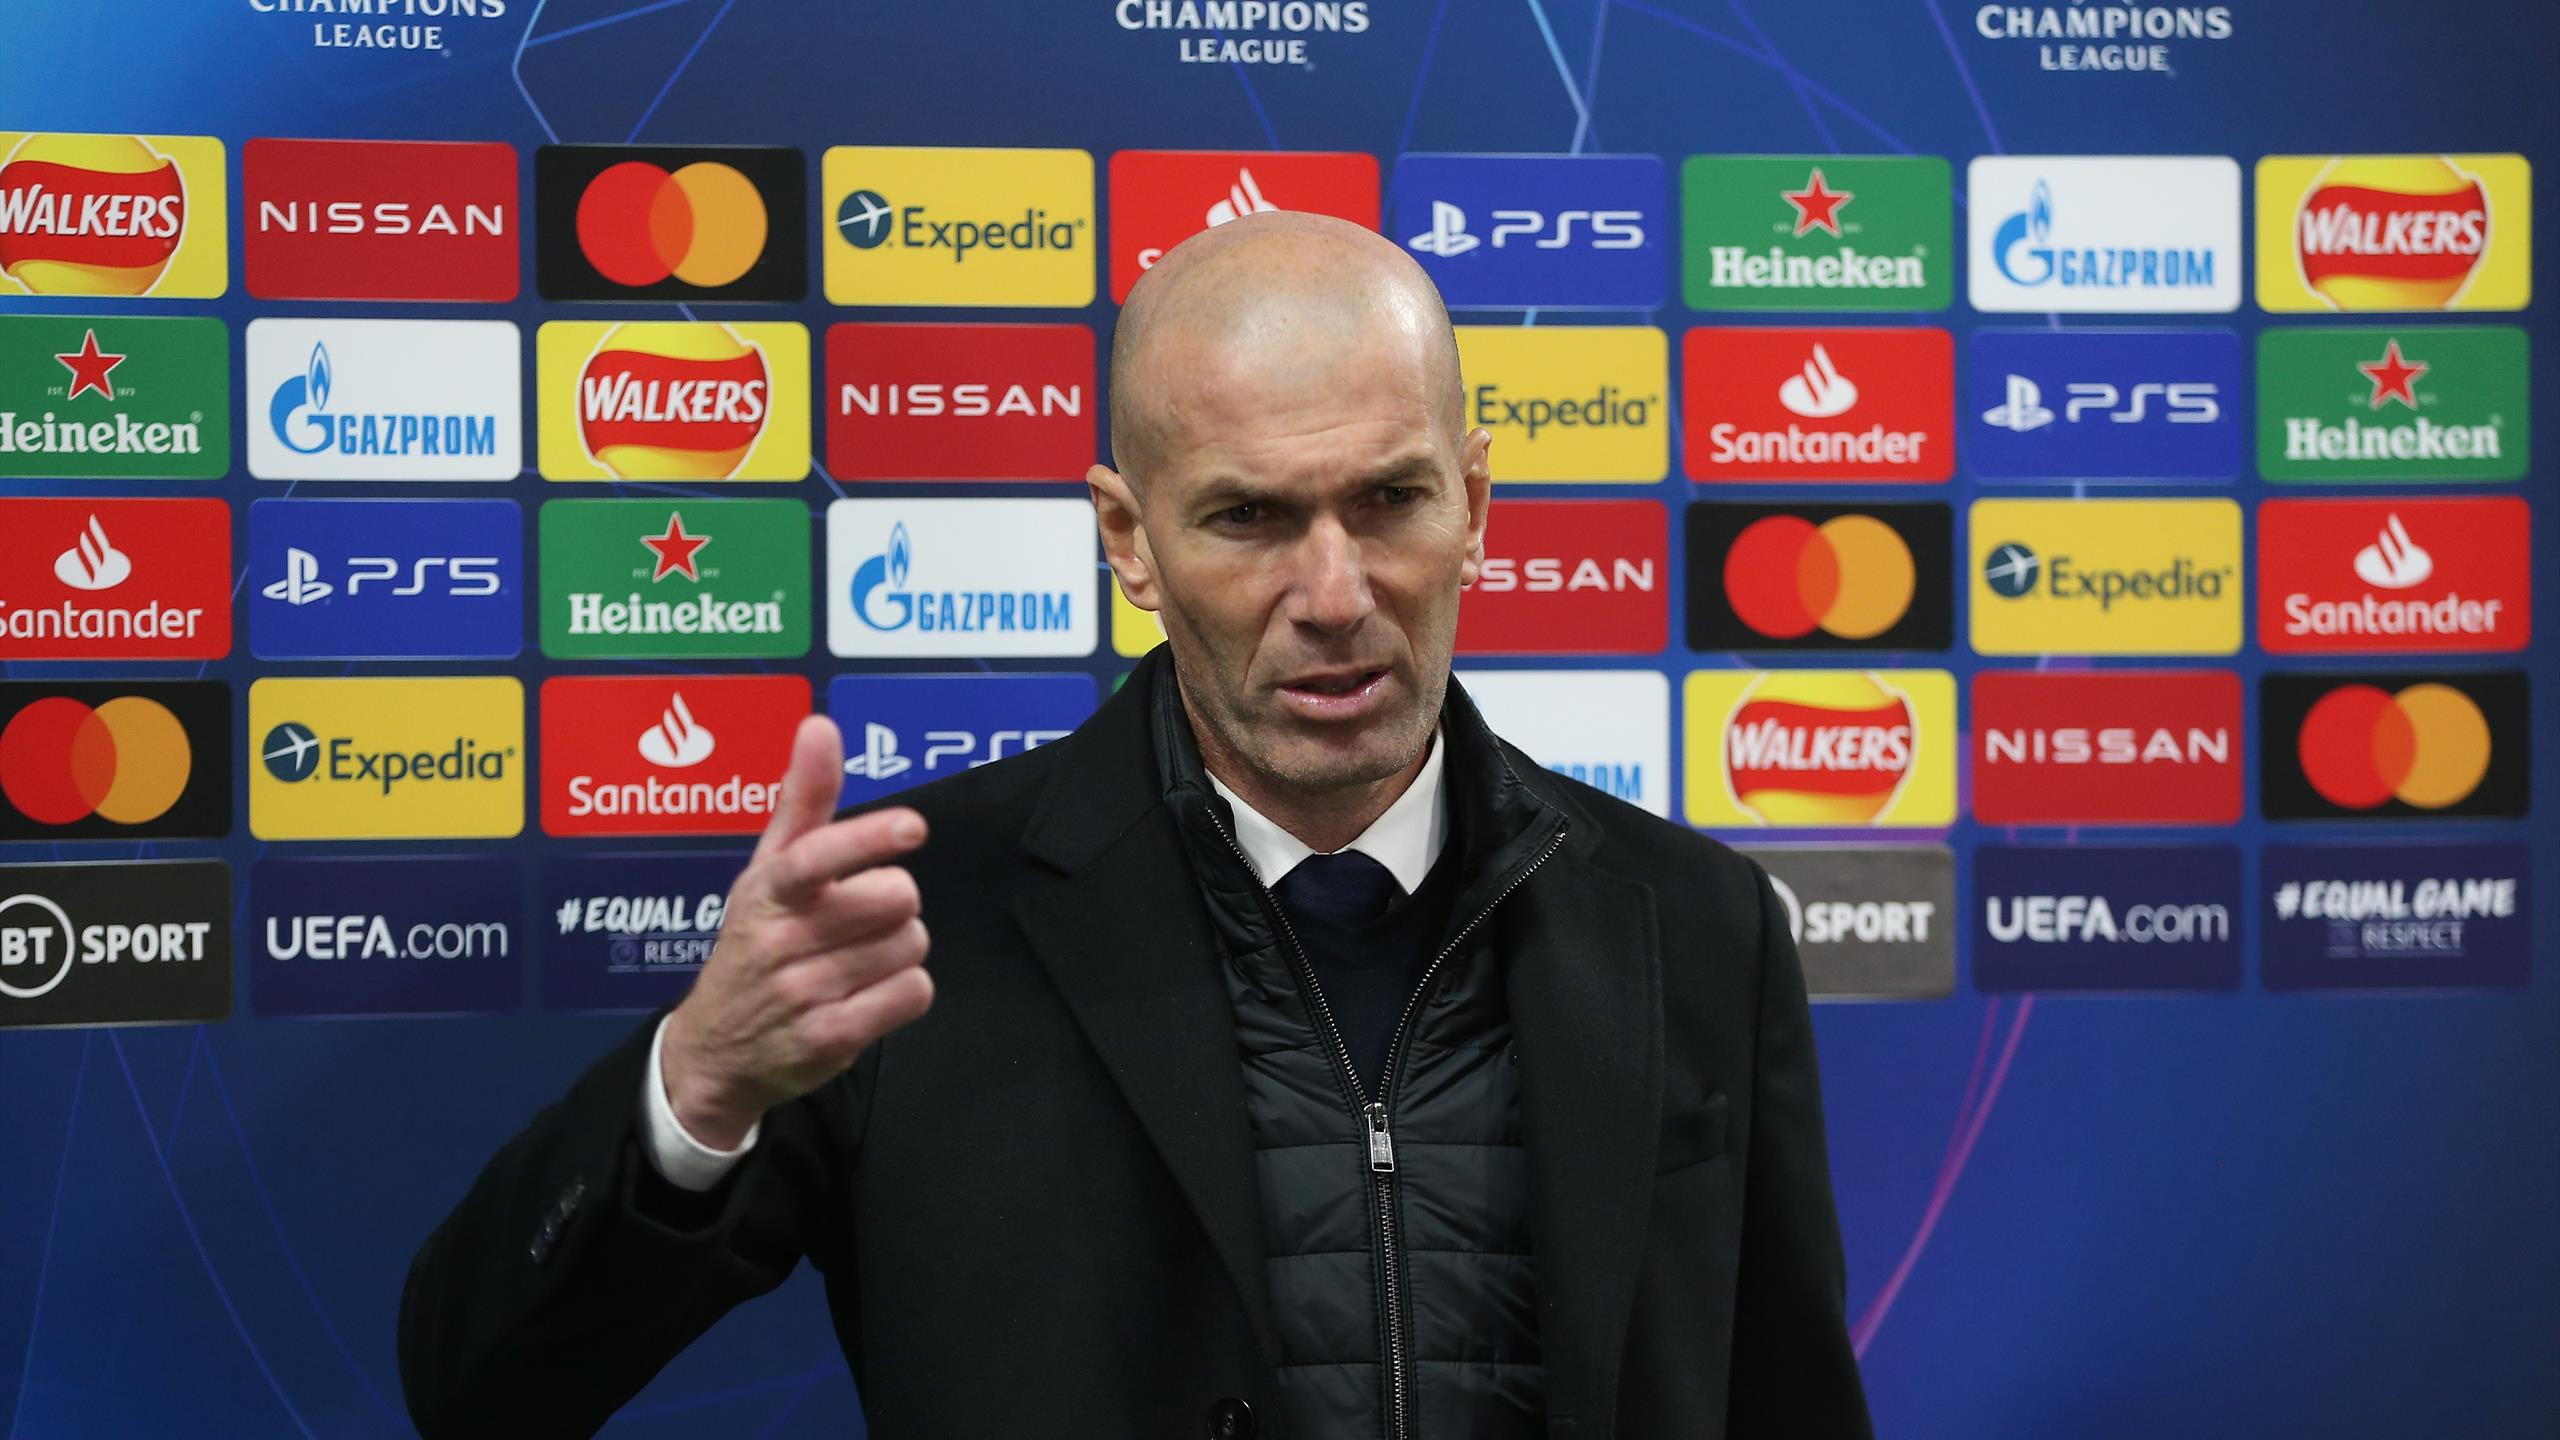 Зидан прокомментировал поражение «Реала» в полуфинале ЛЧ